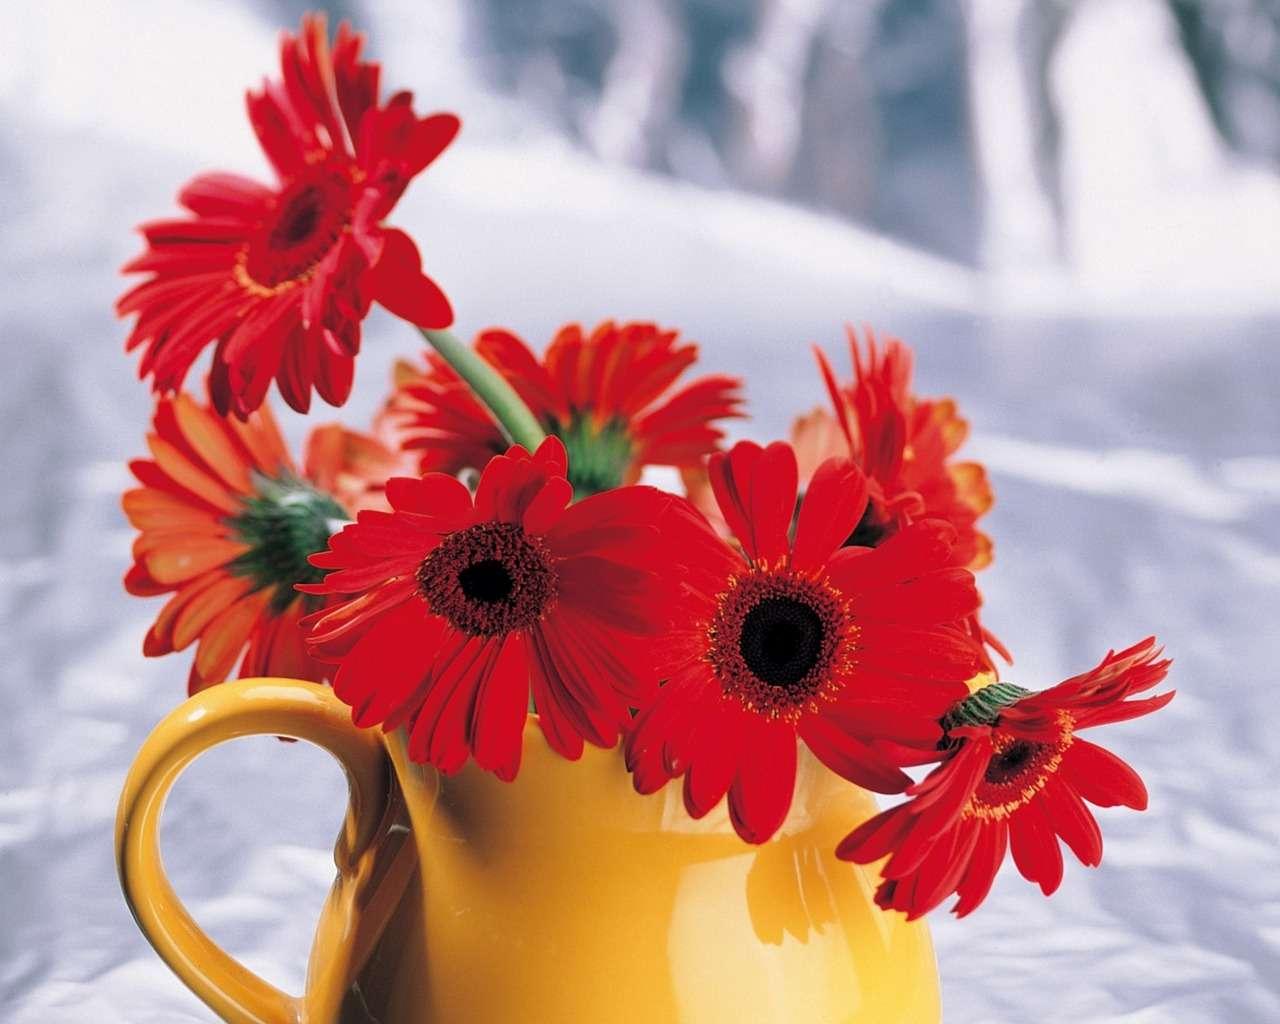 بالصور صور زهور جميلة , افضل الصور للزهور الجميلة 4708 1